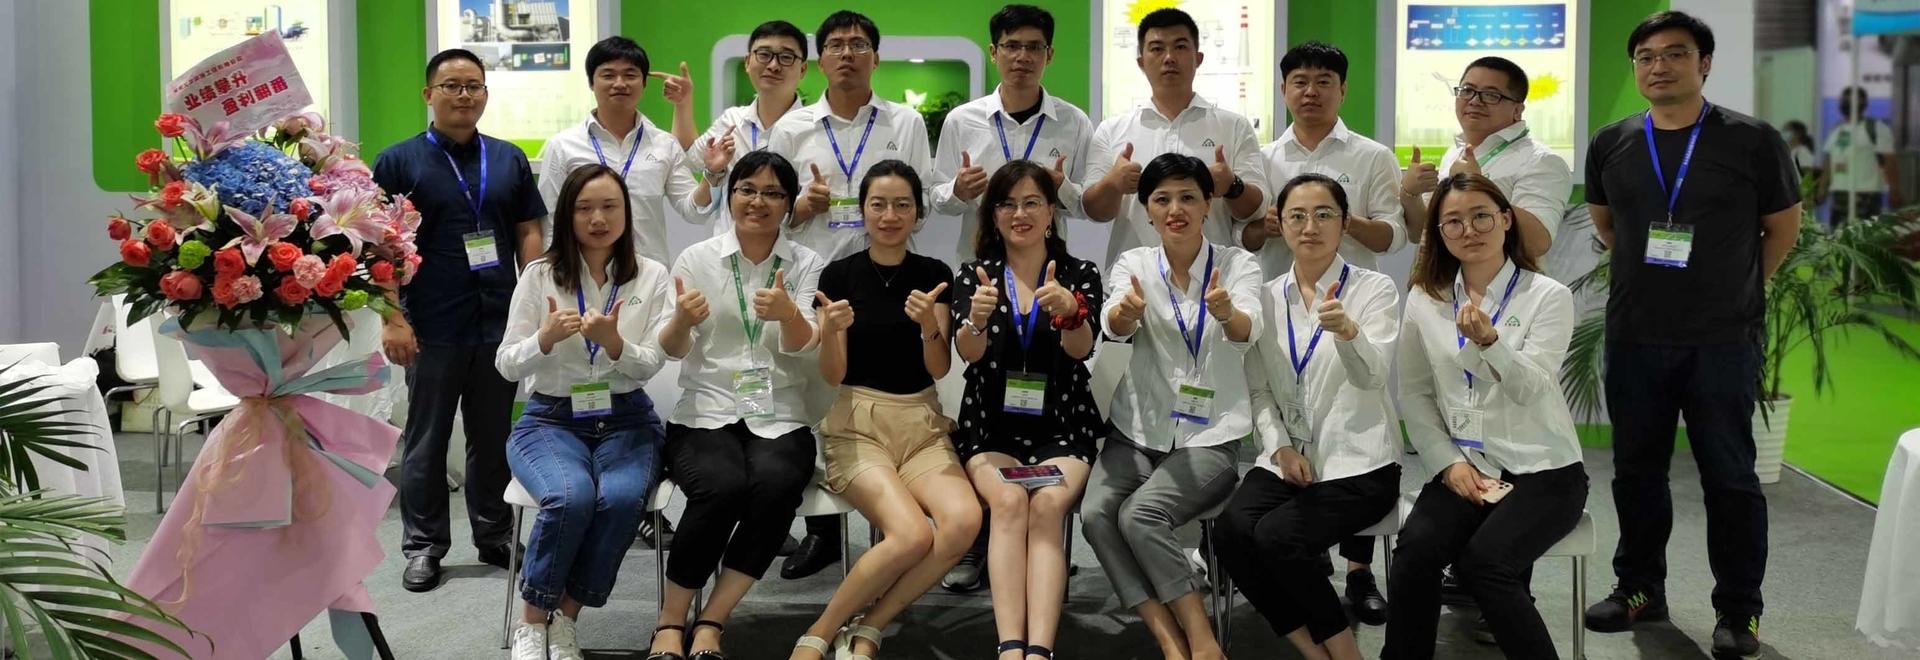 Aus Träumen kommend, unterstützt Aier die 21. Weltausstellung in China